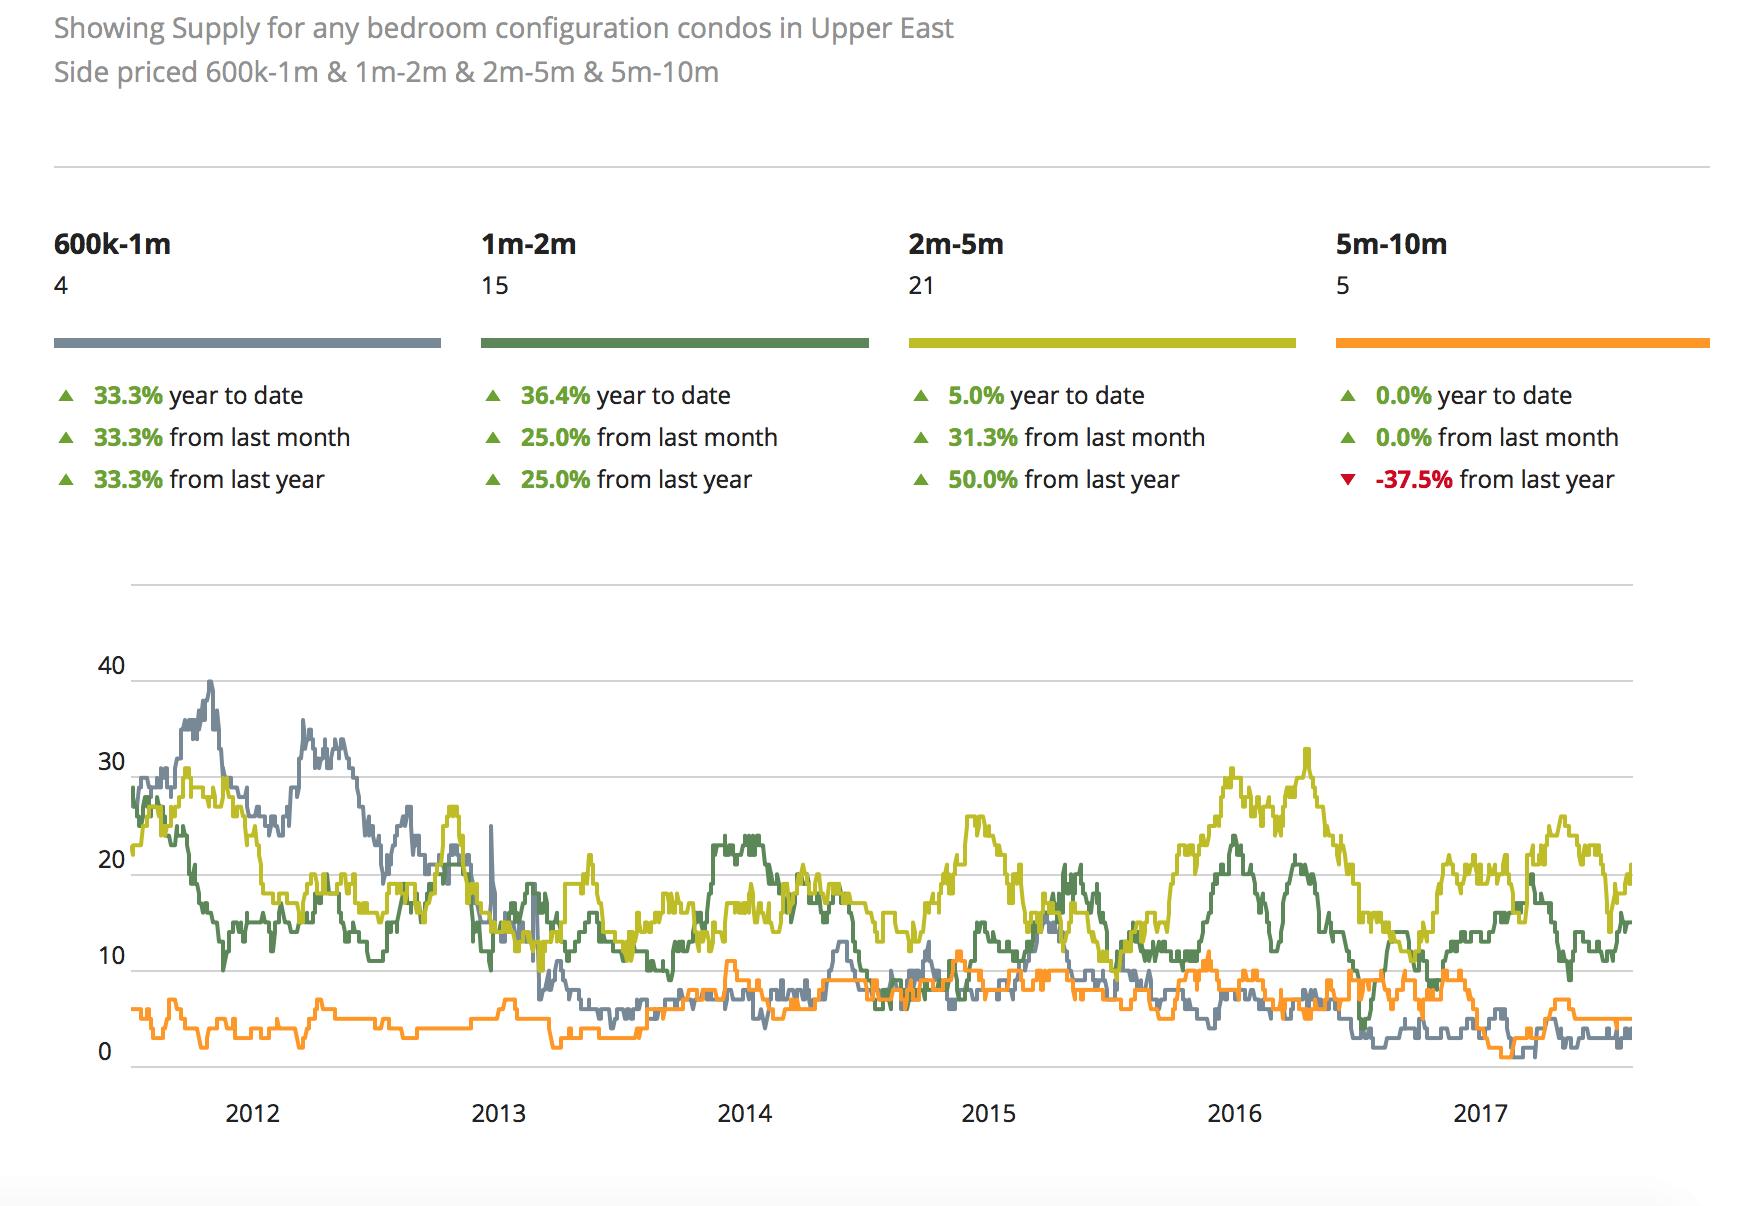 NYC harga pasar real estat untuk Upper East Side